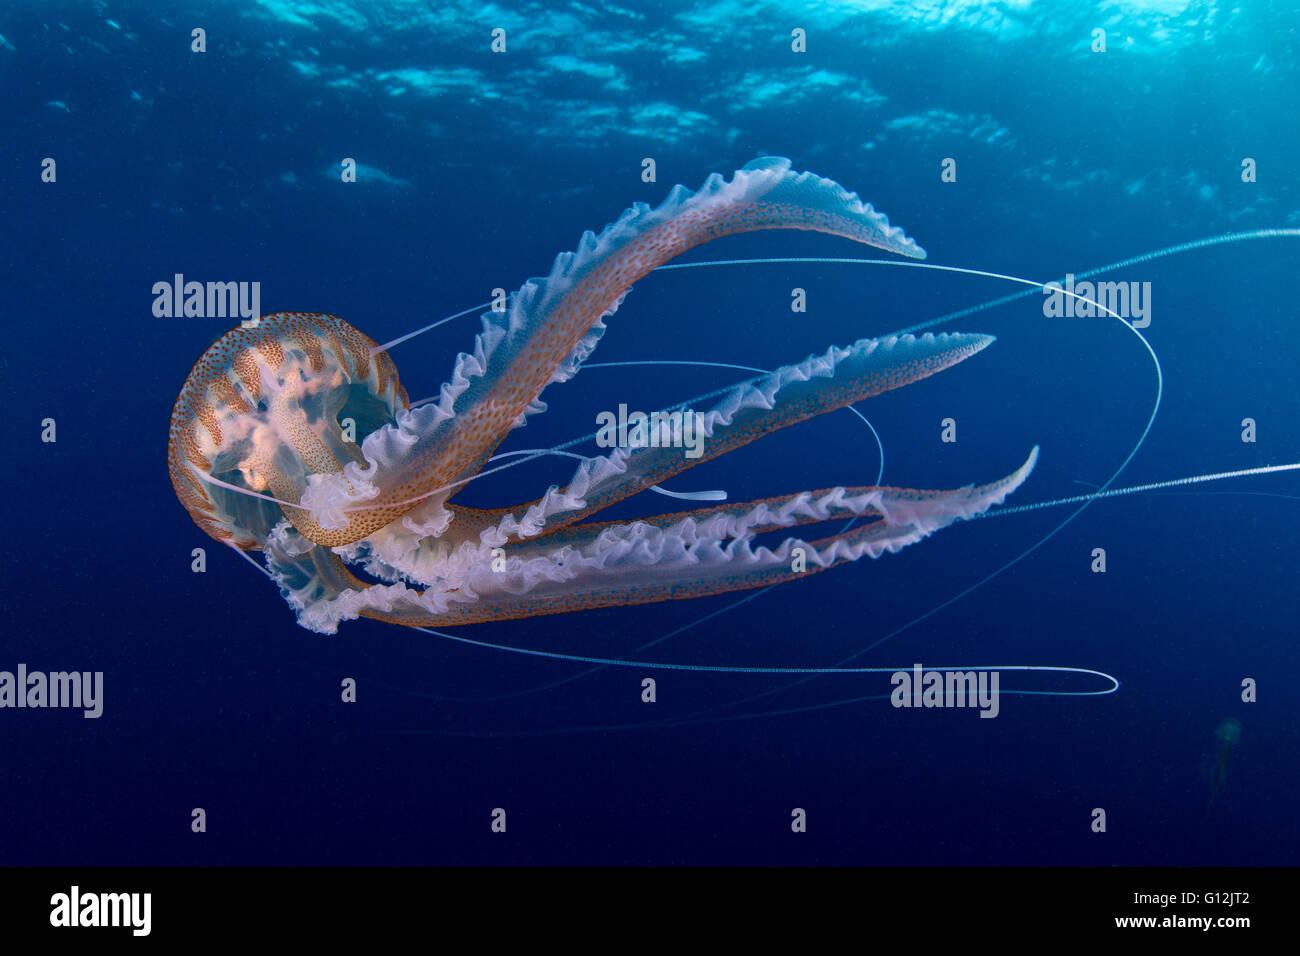 Mauve Stinger Jellyfish, Pelagia noctiluca, Santa Maria, Azores, Portugal - Stock Image